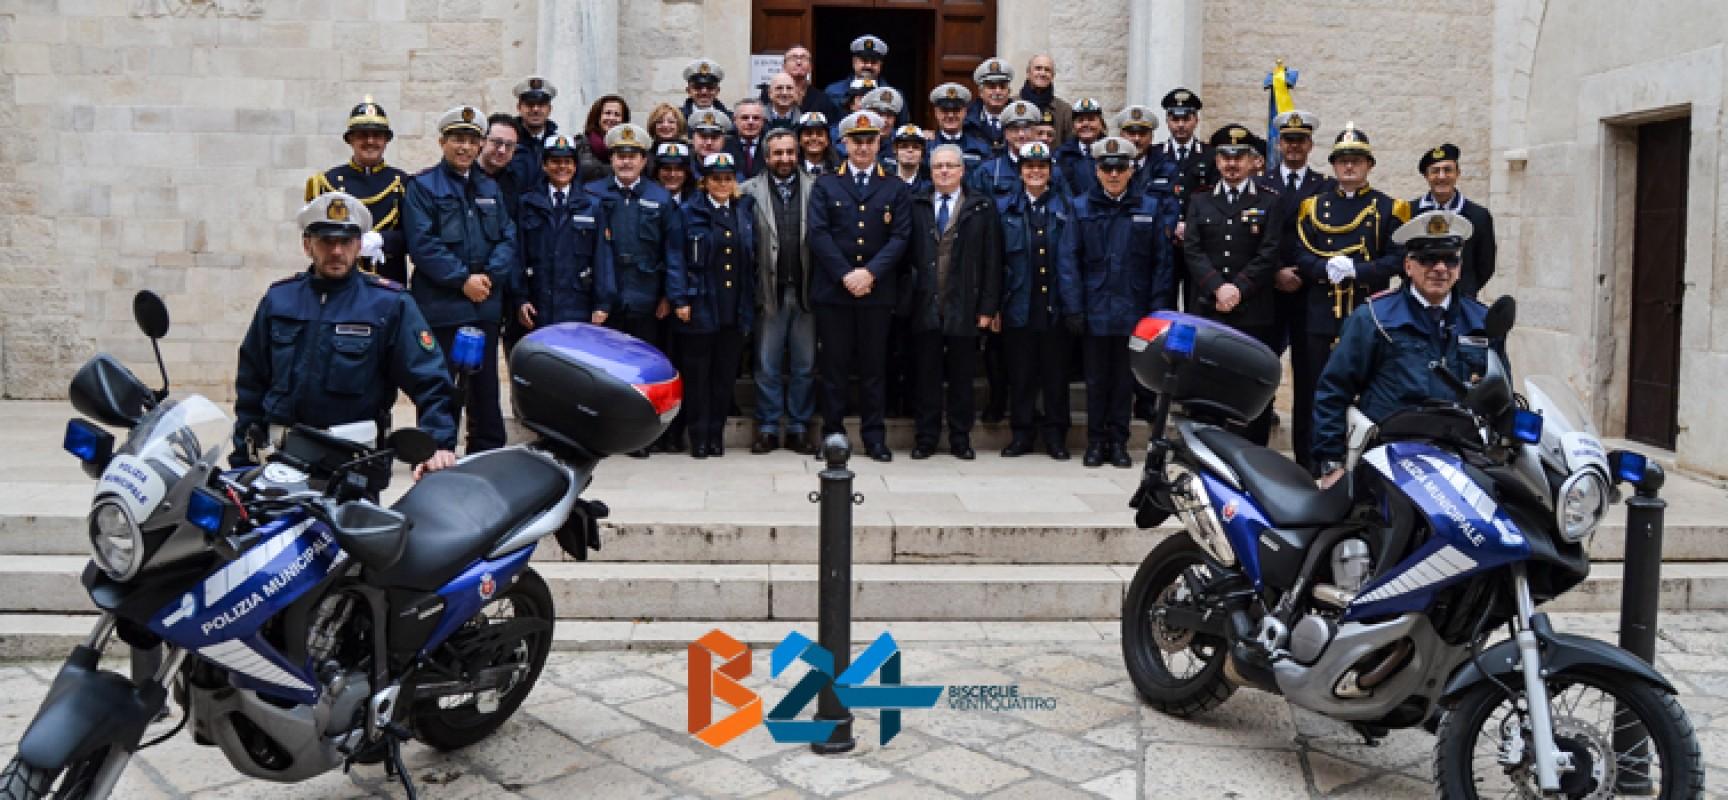 Ieri era San Sebastiano, festa della Polizia Municipale: ecco il bilancio 2014 / FOTO E CIFRE